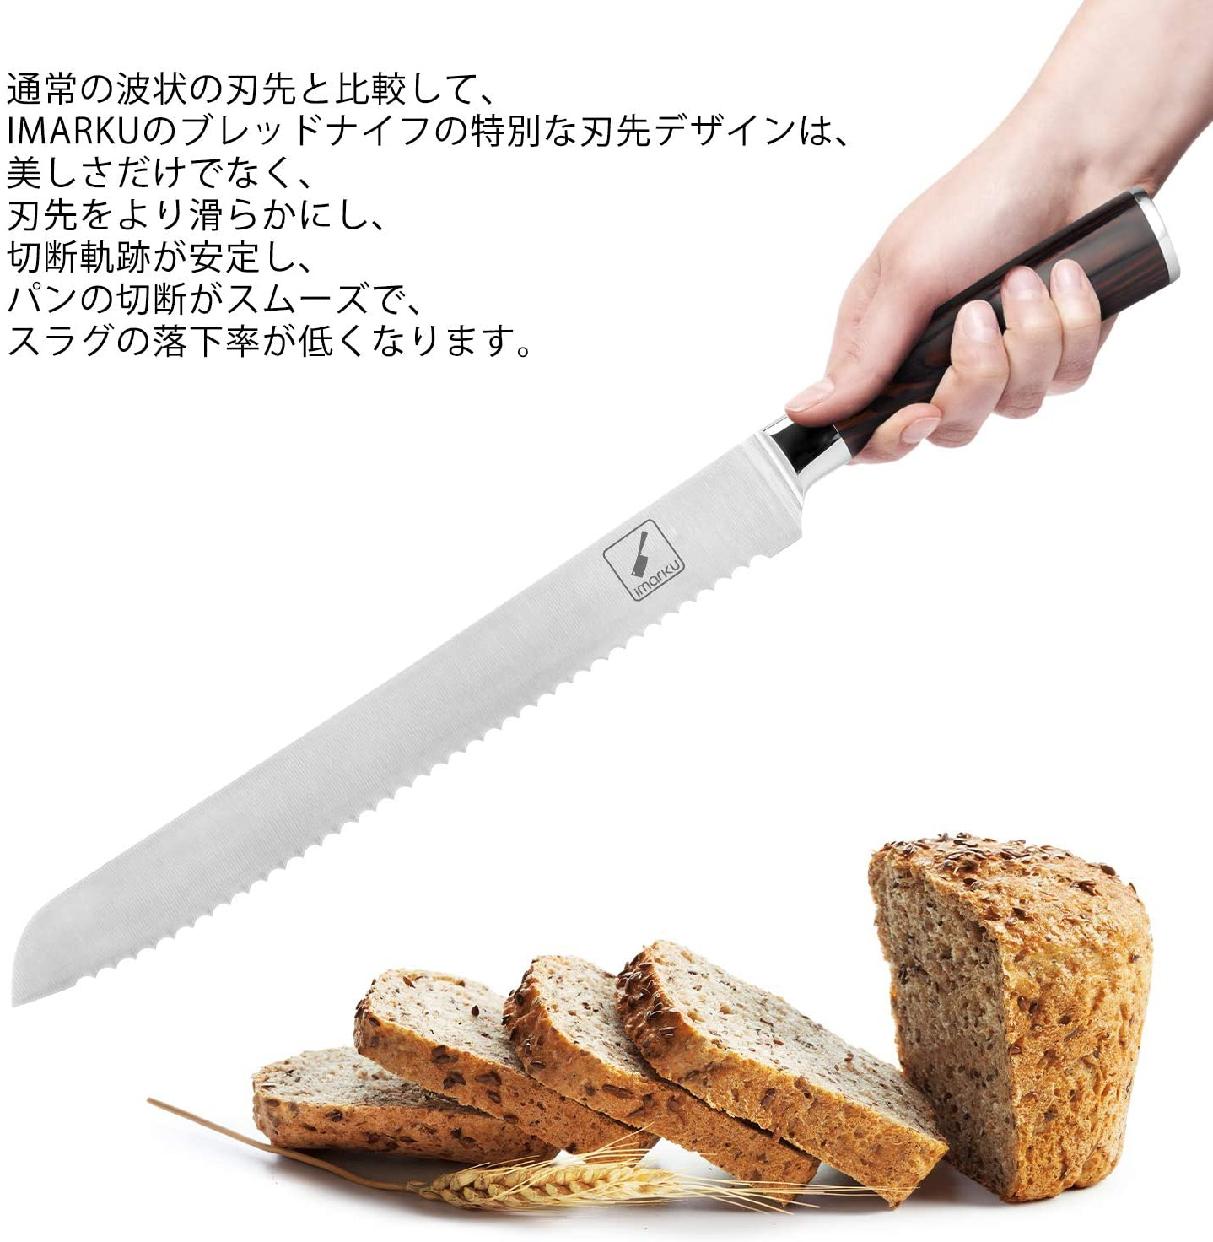 imarku(イマルク)ブレッドナイフ 10インチ シルバーの商品画像2